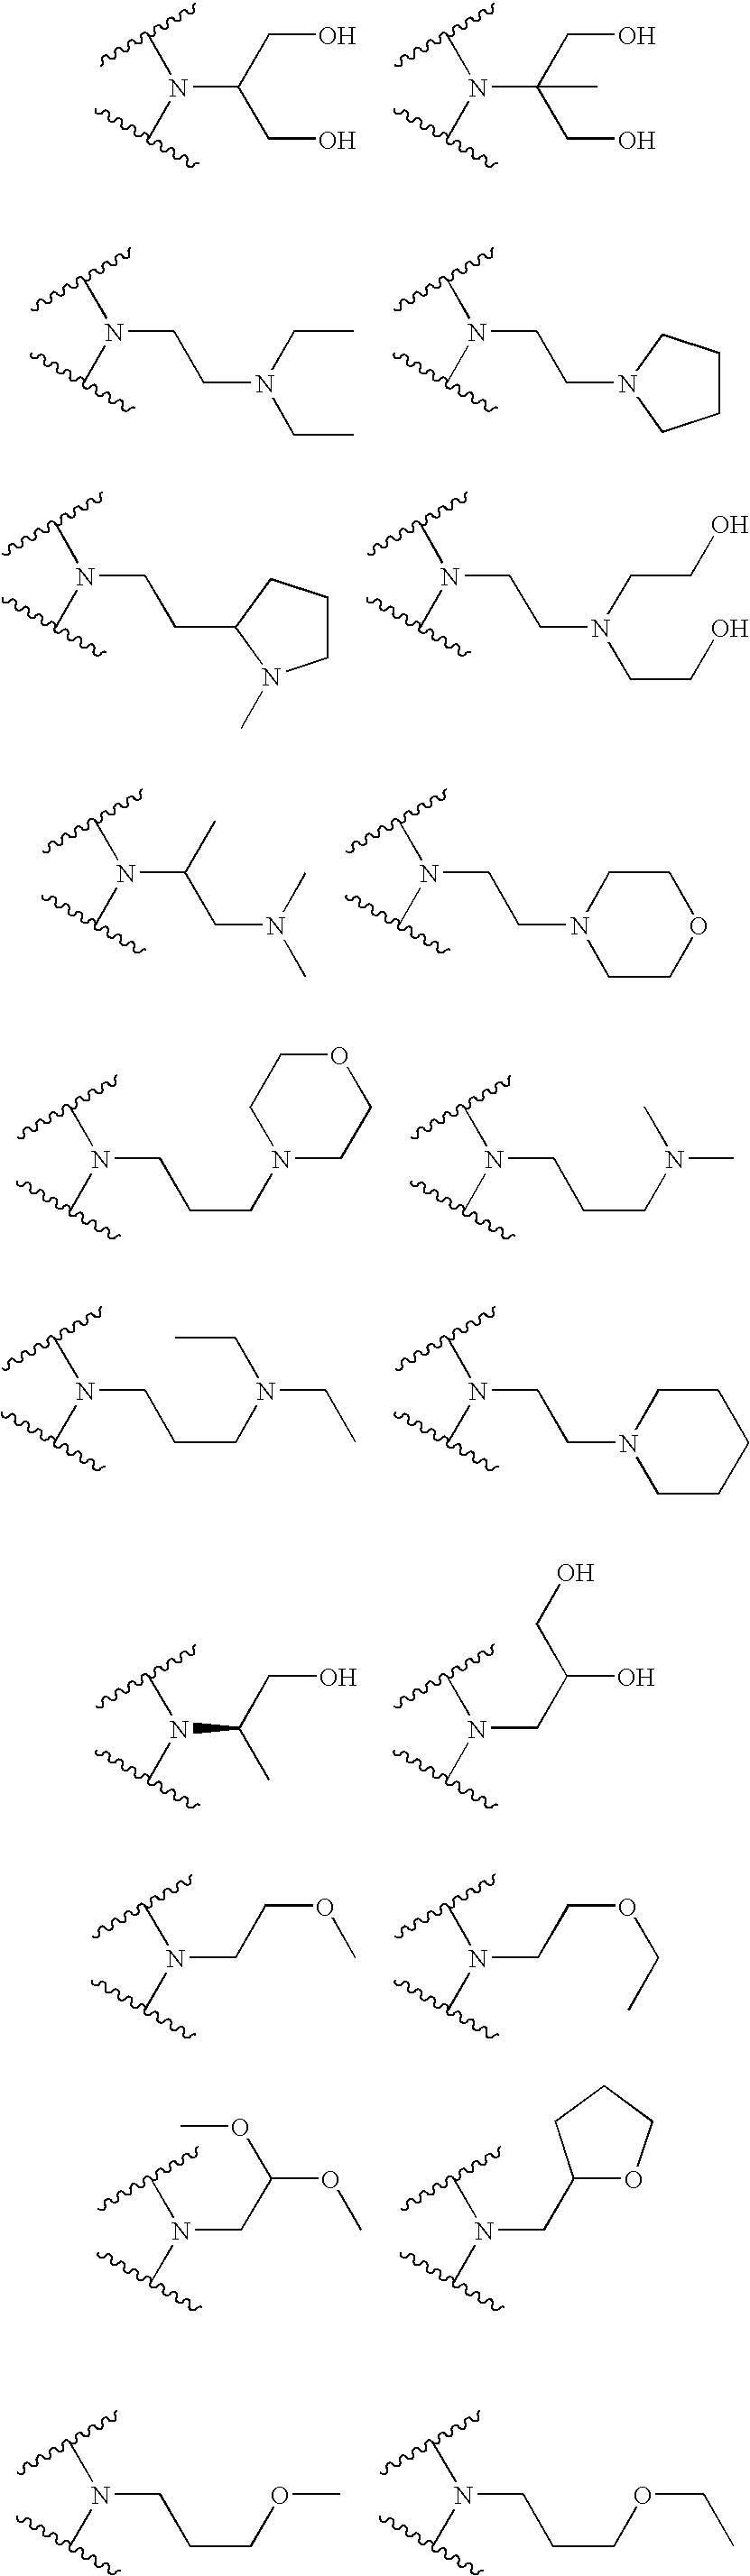 Figure US20110009641A1-20110113-C00030